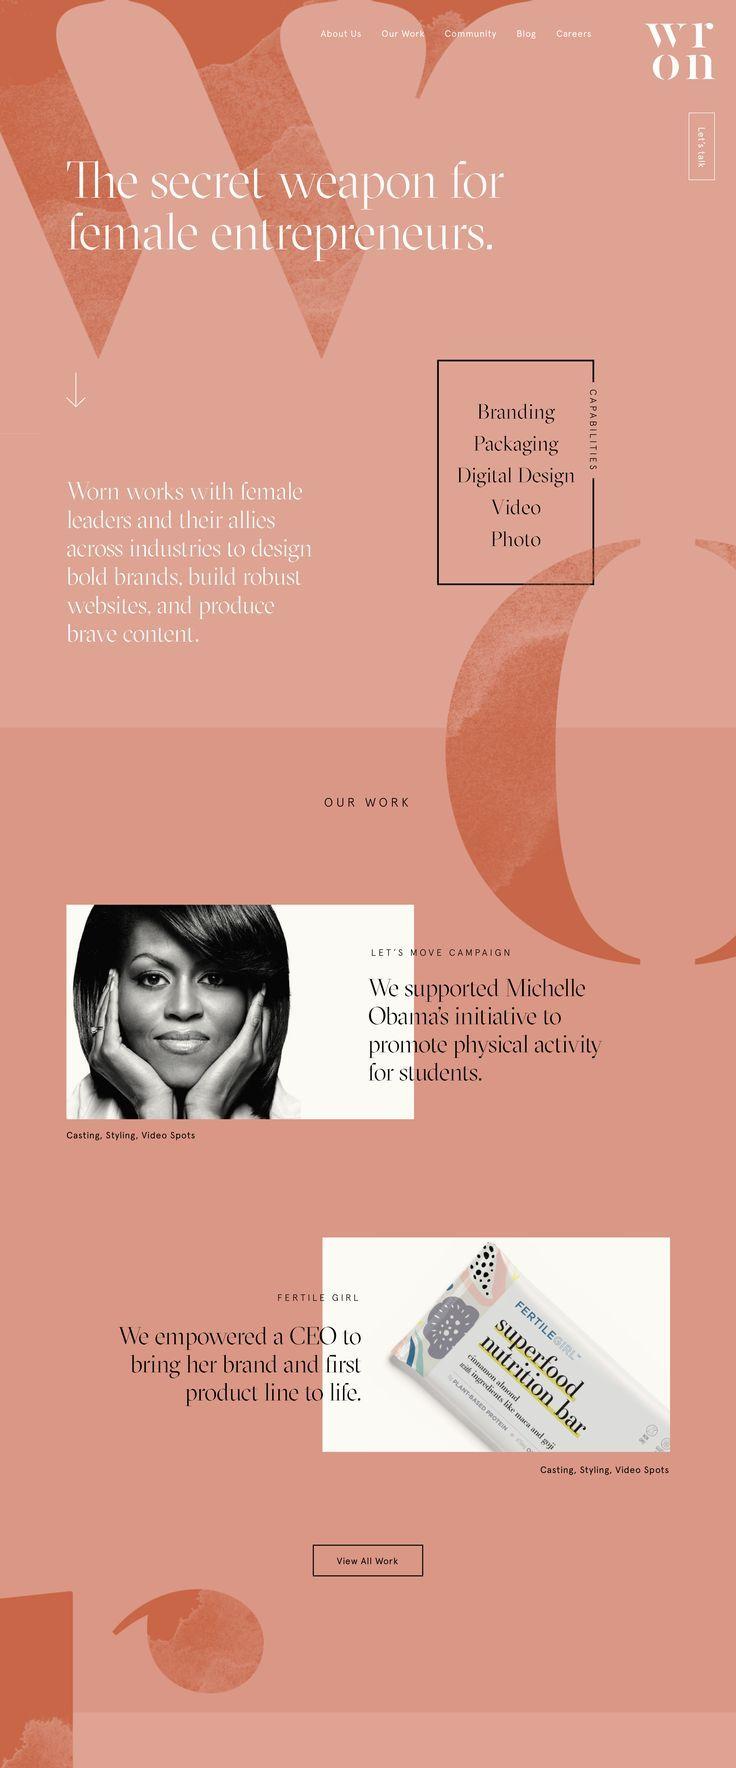 Landing Page Modern Web Design And Website For Female Entrepreneurs Women Empowerment Feminine Modern Web Design Web Design Tips Website Design Inspiration